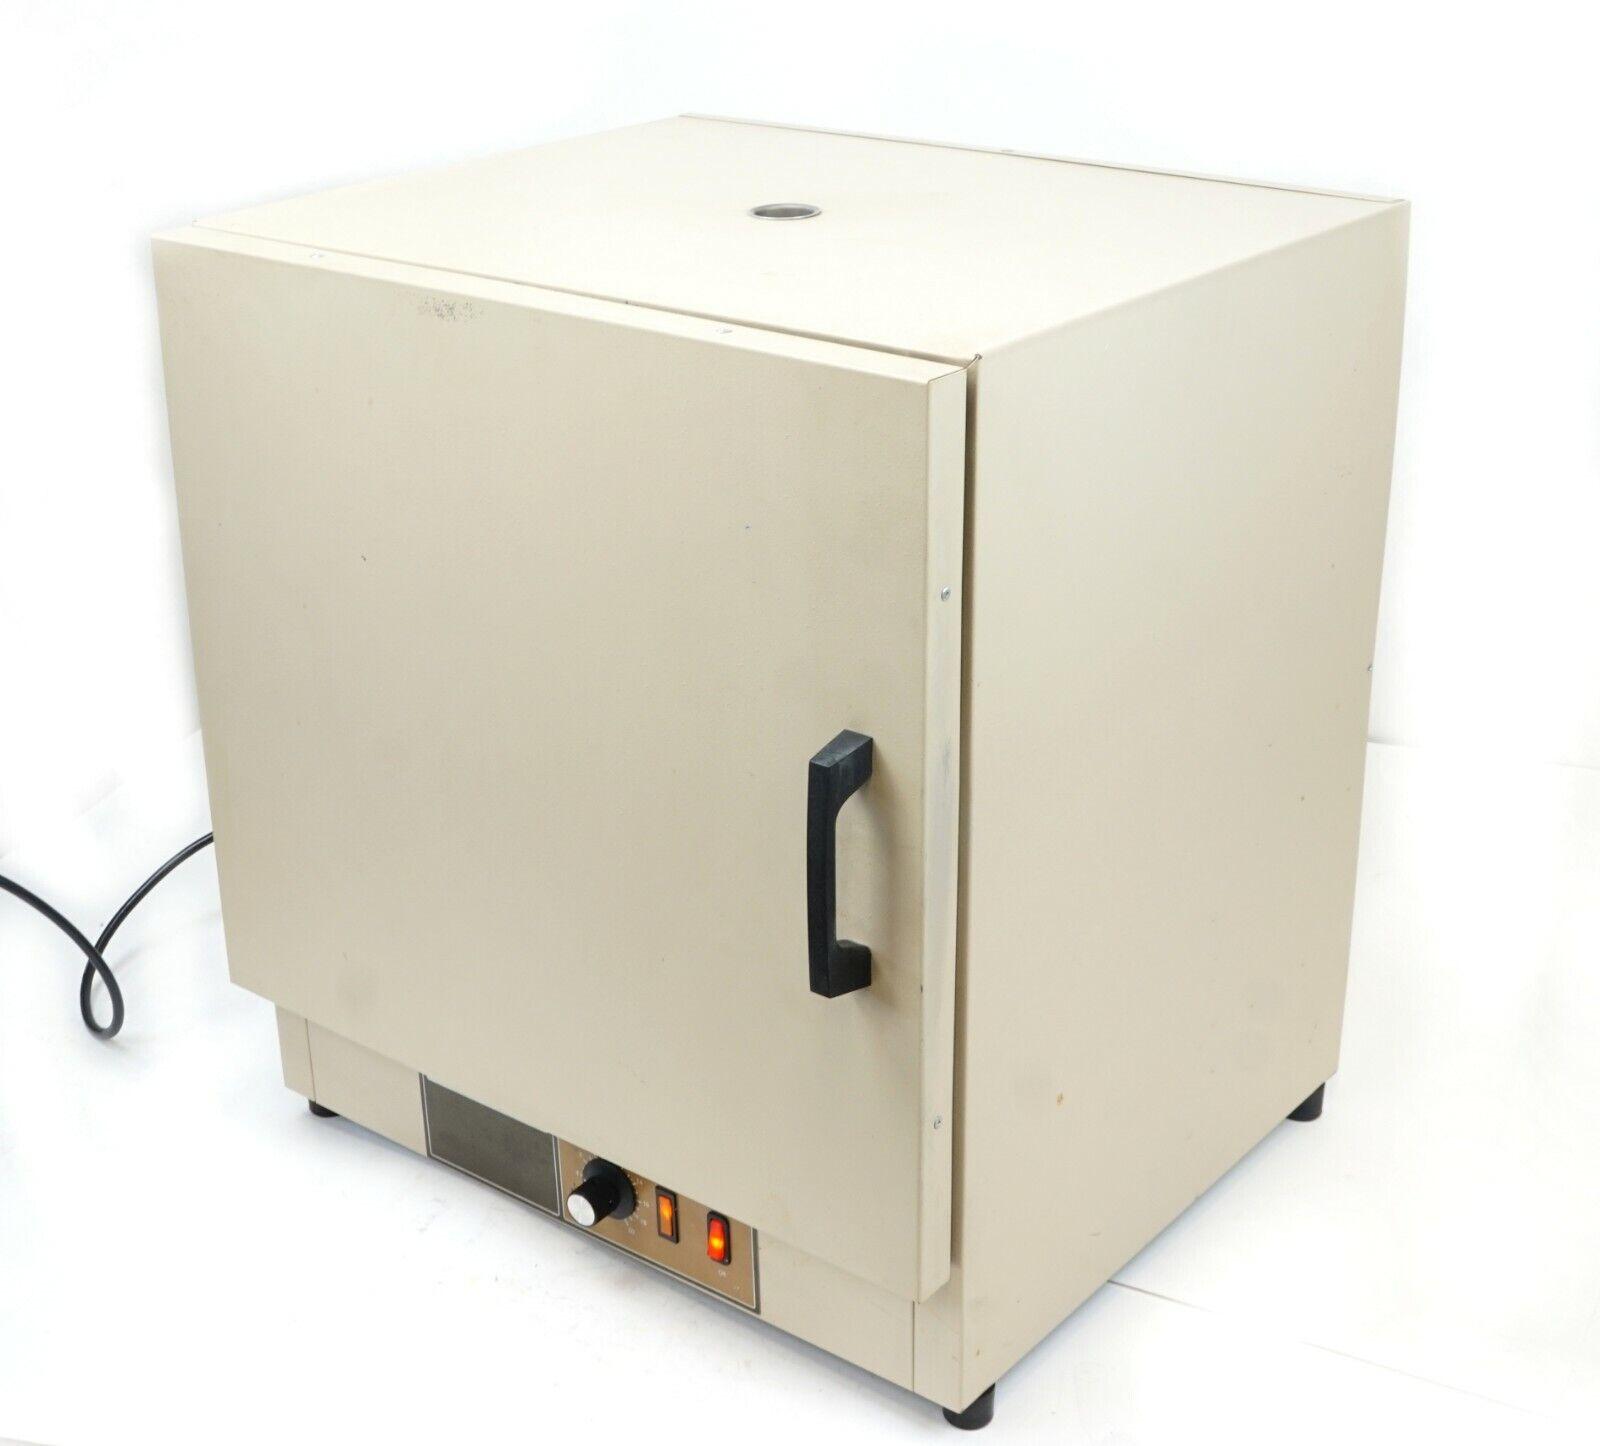 Fischer Scientific Oven